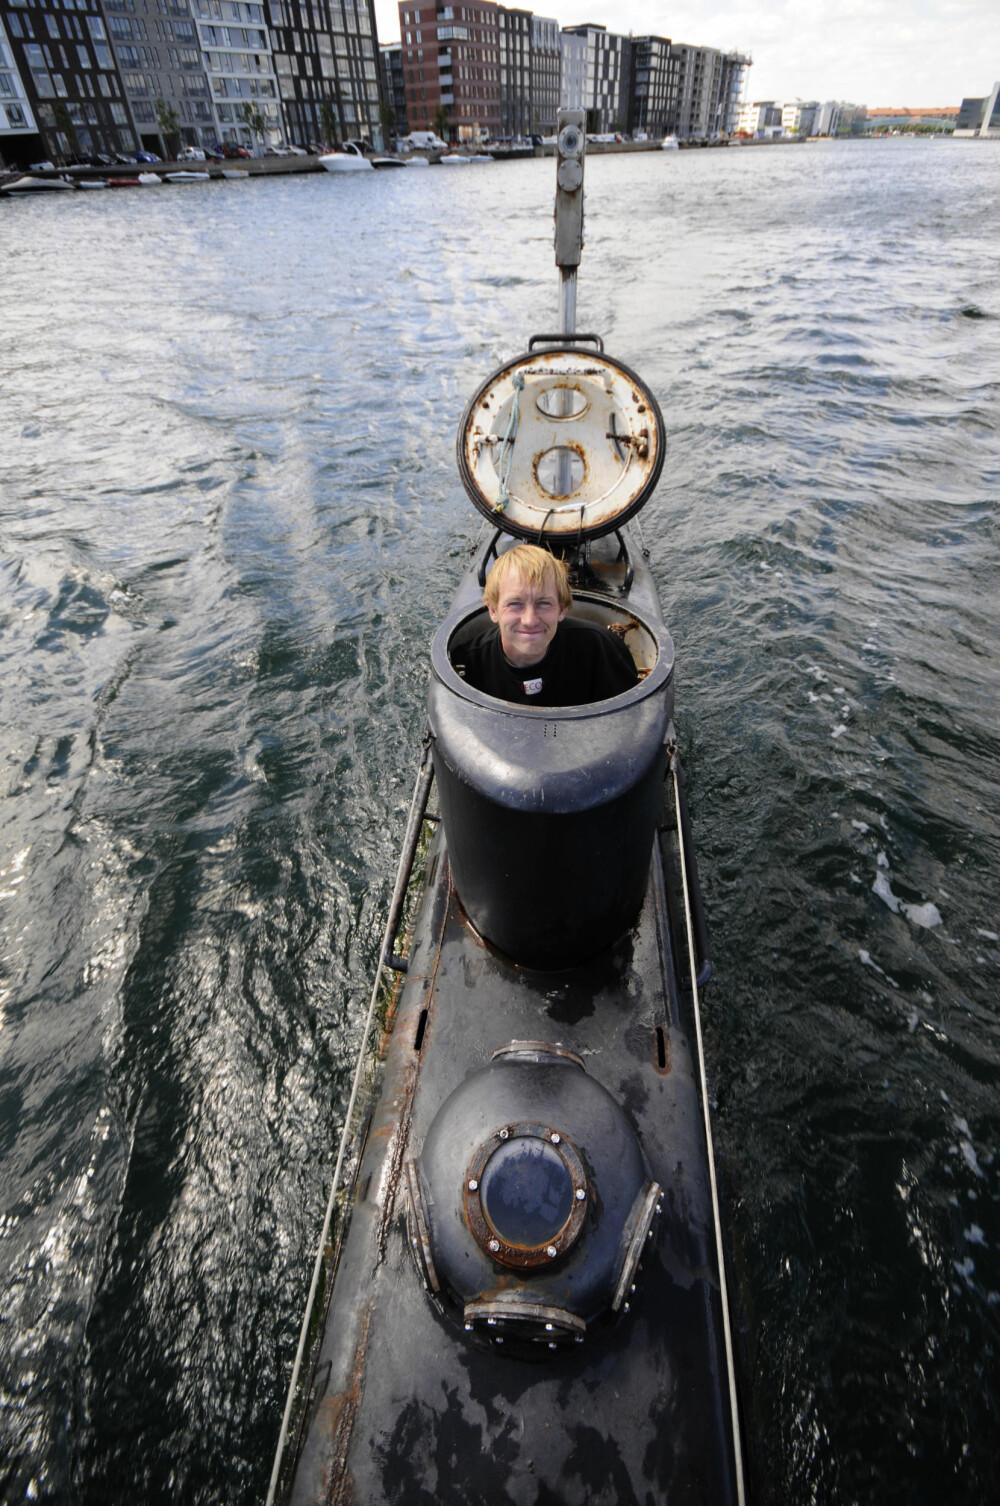 BYGGET TRE UBÅTER: Peter Madsen har konstruert og bygget tre ubåter i København. Det var i den største, «Nautilus», Kim Wall døde og ble partert. Her er Madsen avbildet i 2008 i den langt mindre ubåten «Kraka».